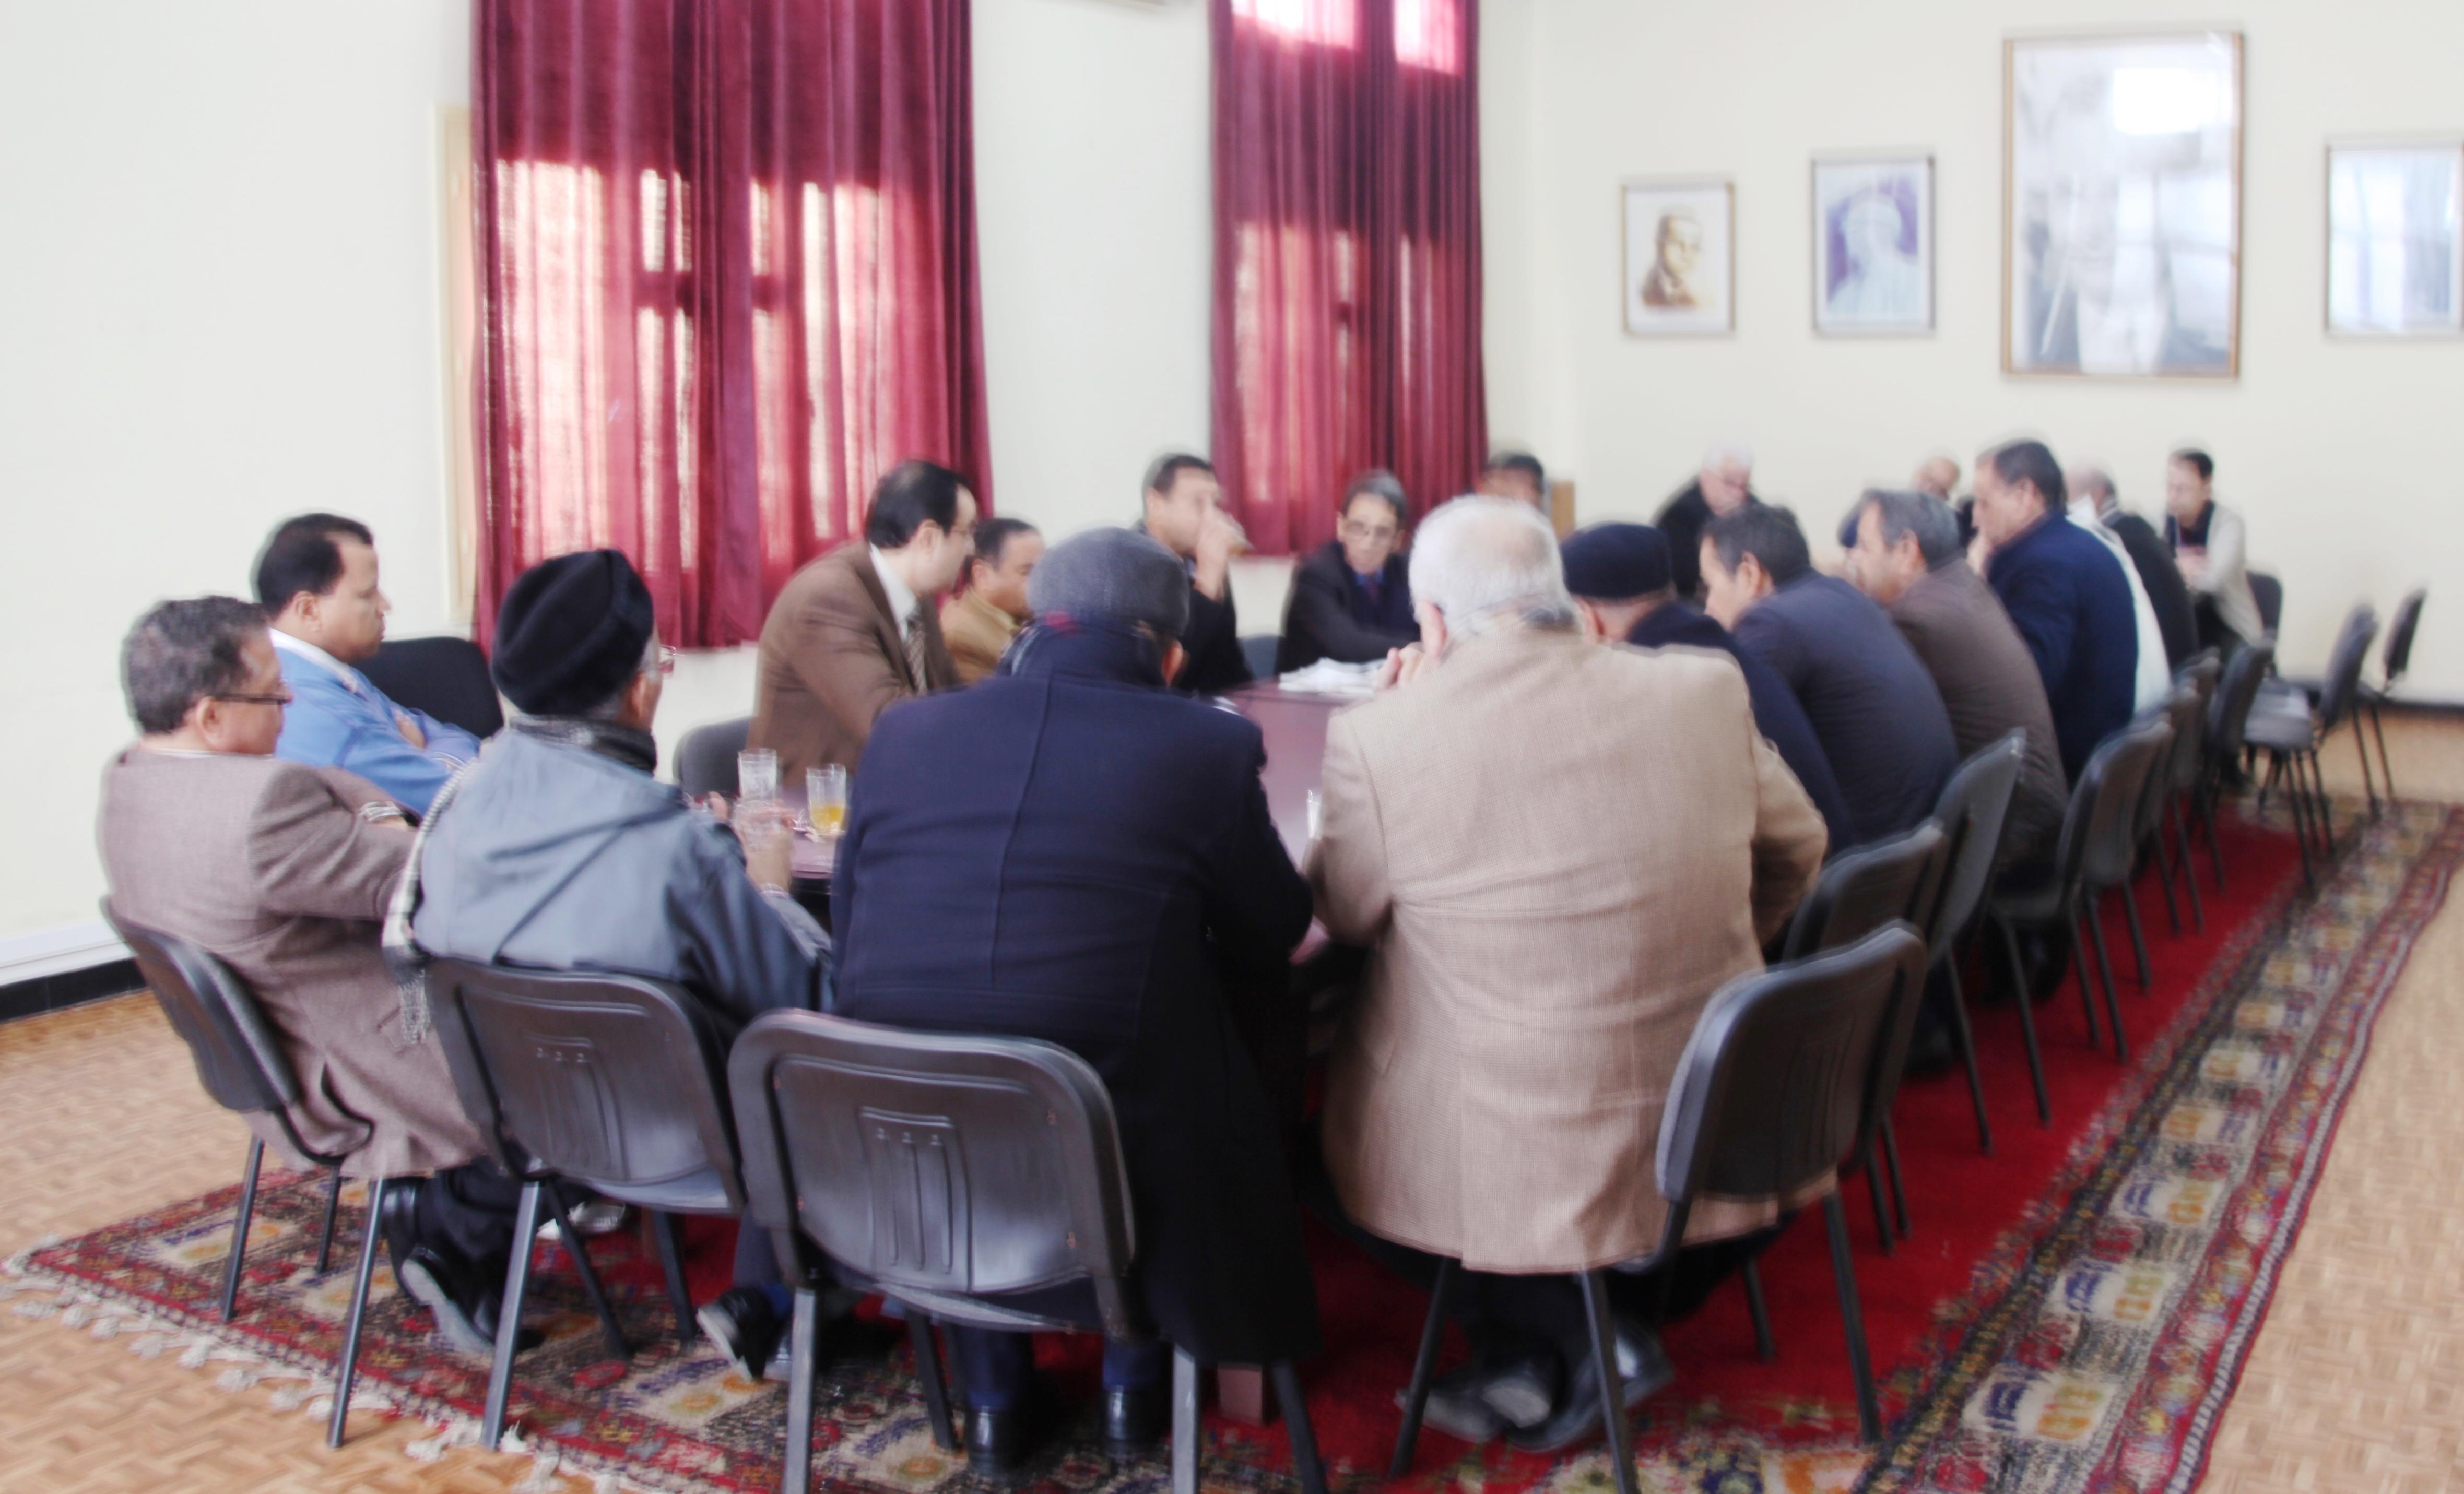 المركز العام لحزب الاستقلال يحتضن اجتماعا تنظيميا استعدادا للاحتفال بذكرى 11 يناير